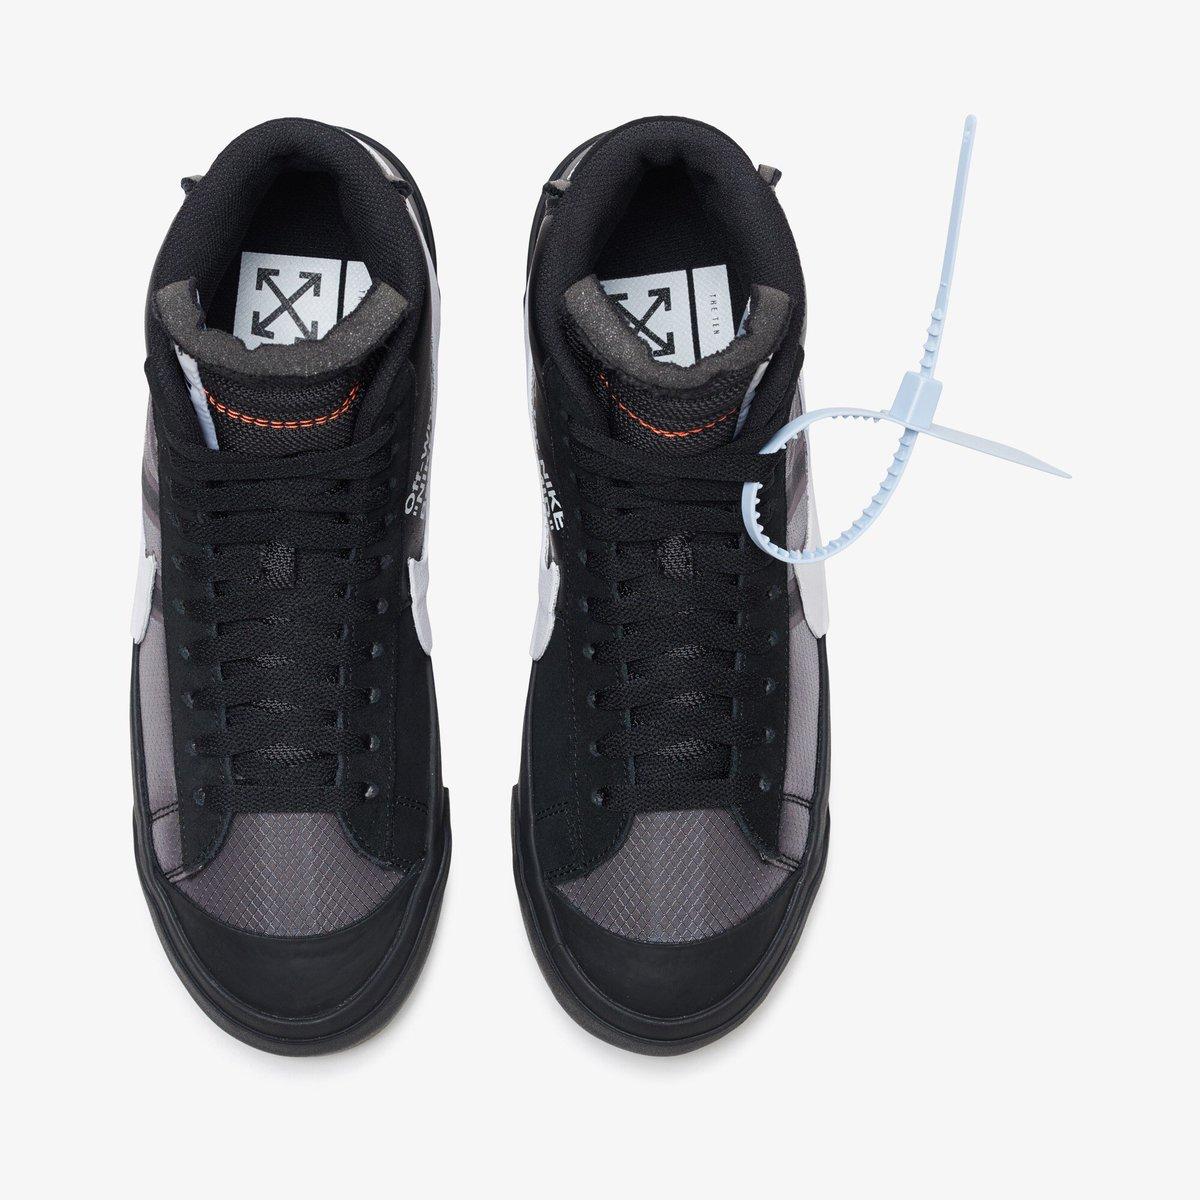 0f5f47a9d02a3 Sneaker Bar Detroit on Twitter: